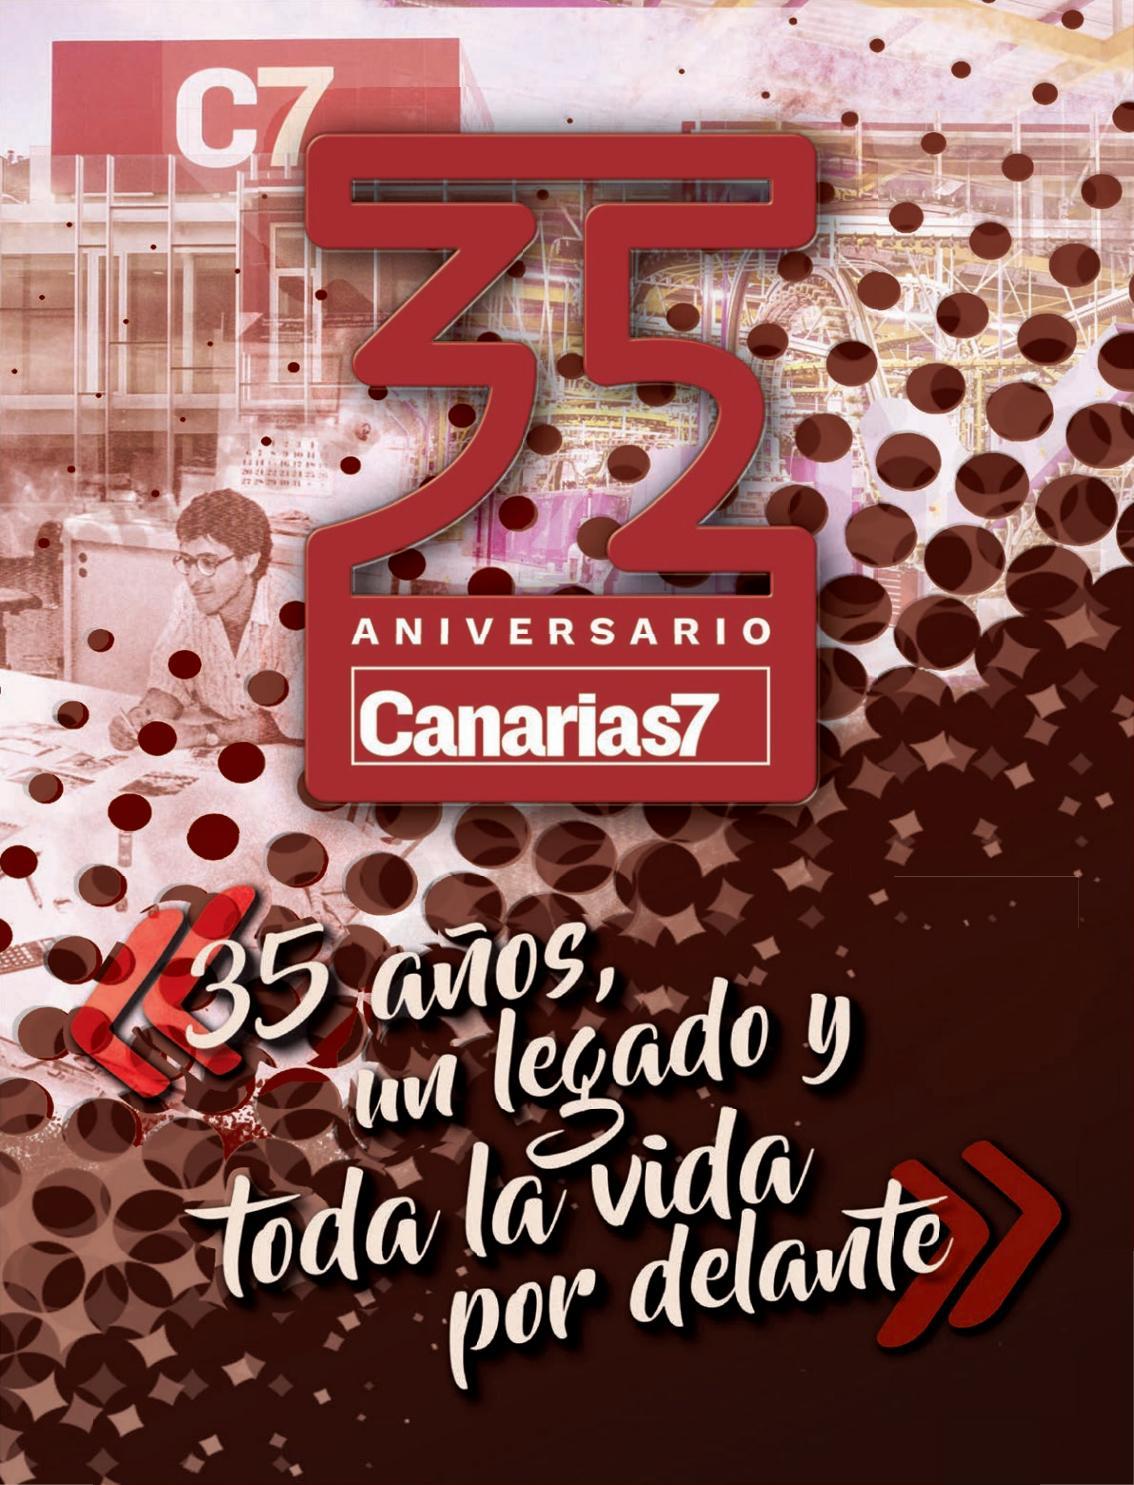 Anuario De Canarias 2014 By Asociaci N De La Prensa De Santa Cruz  # Muebles Borrero Alosno